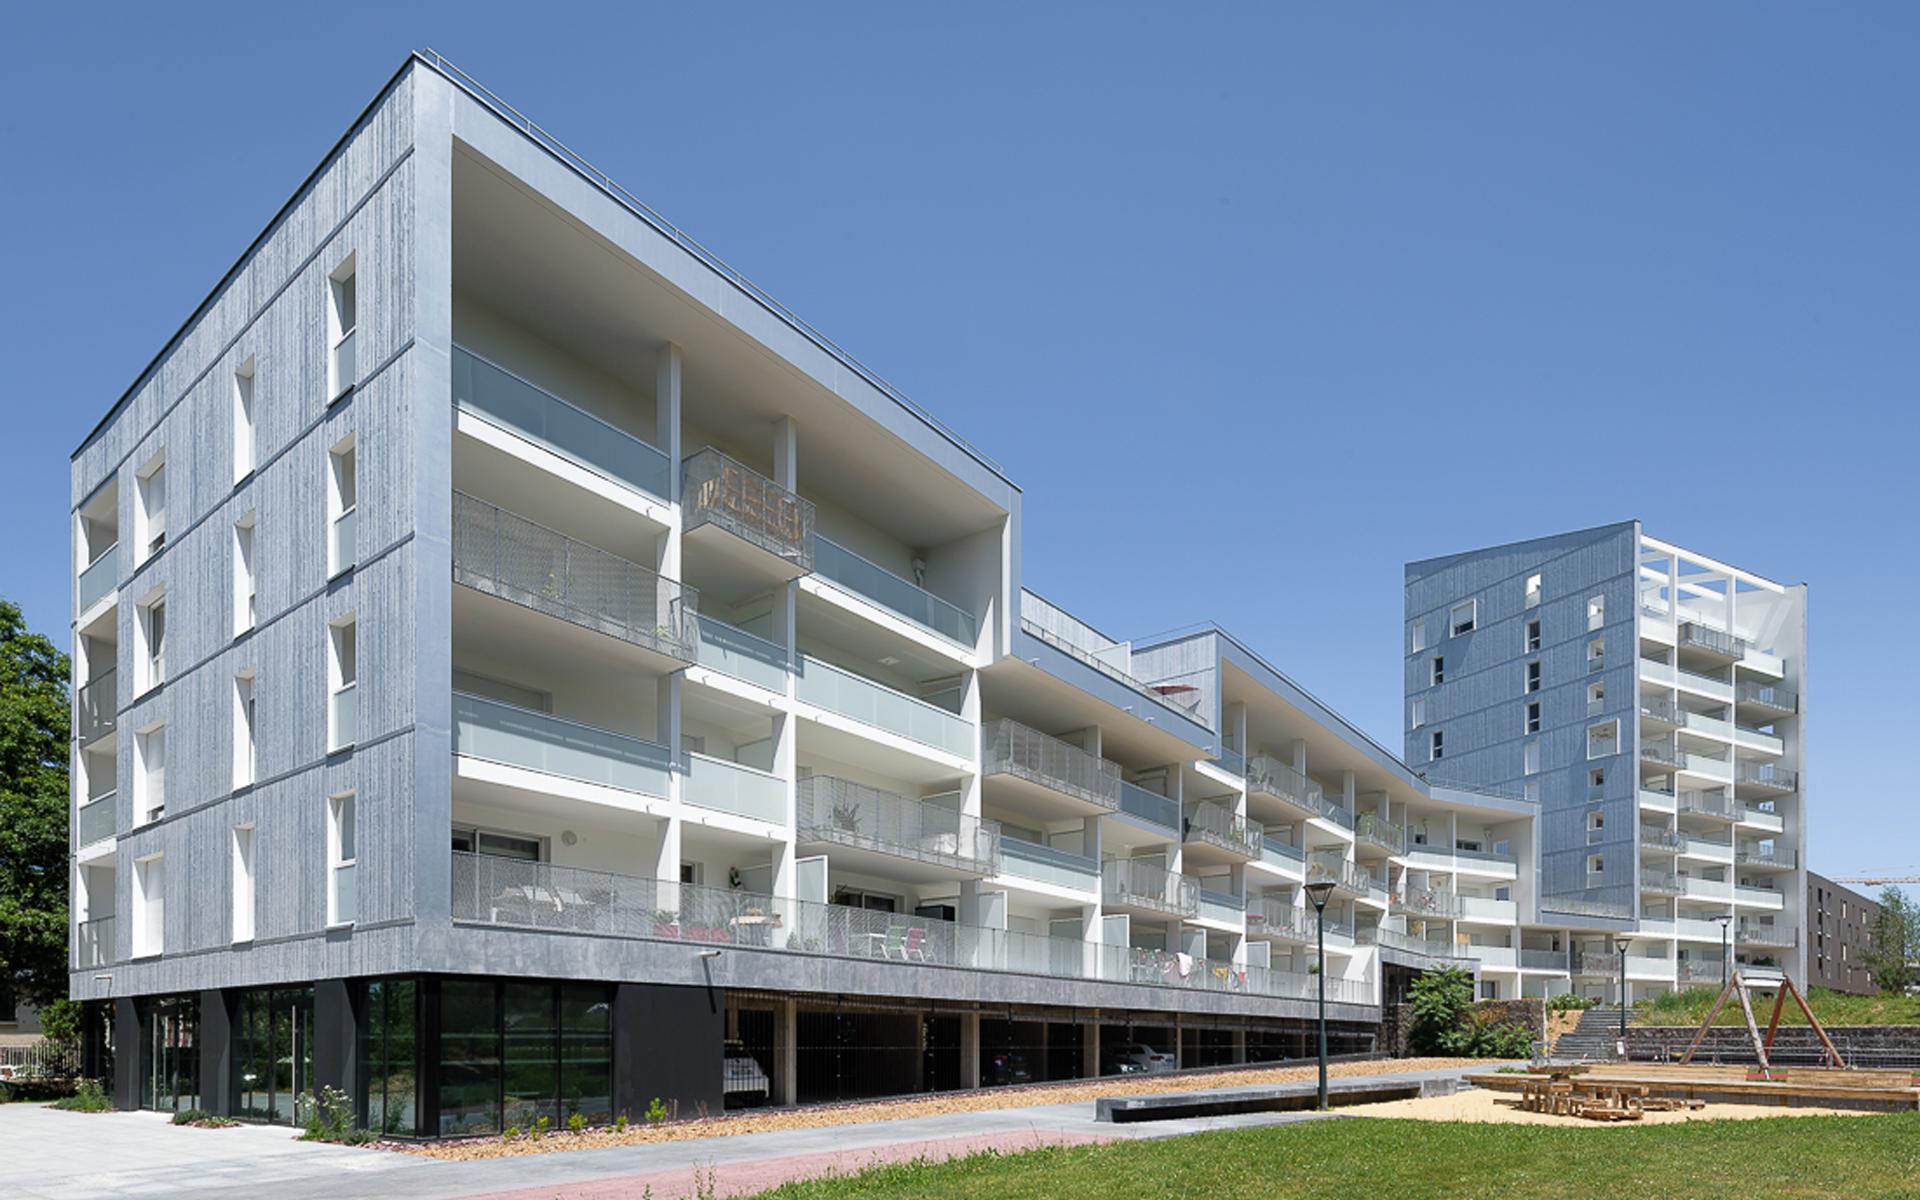 helios-park-08-rennes-architecture-bretagne-paumier-architectes-1920×1200